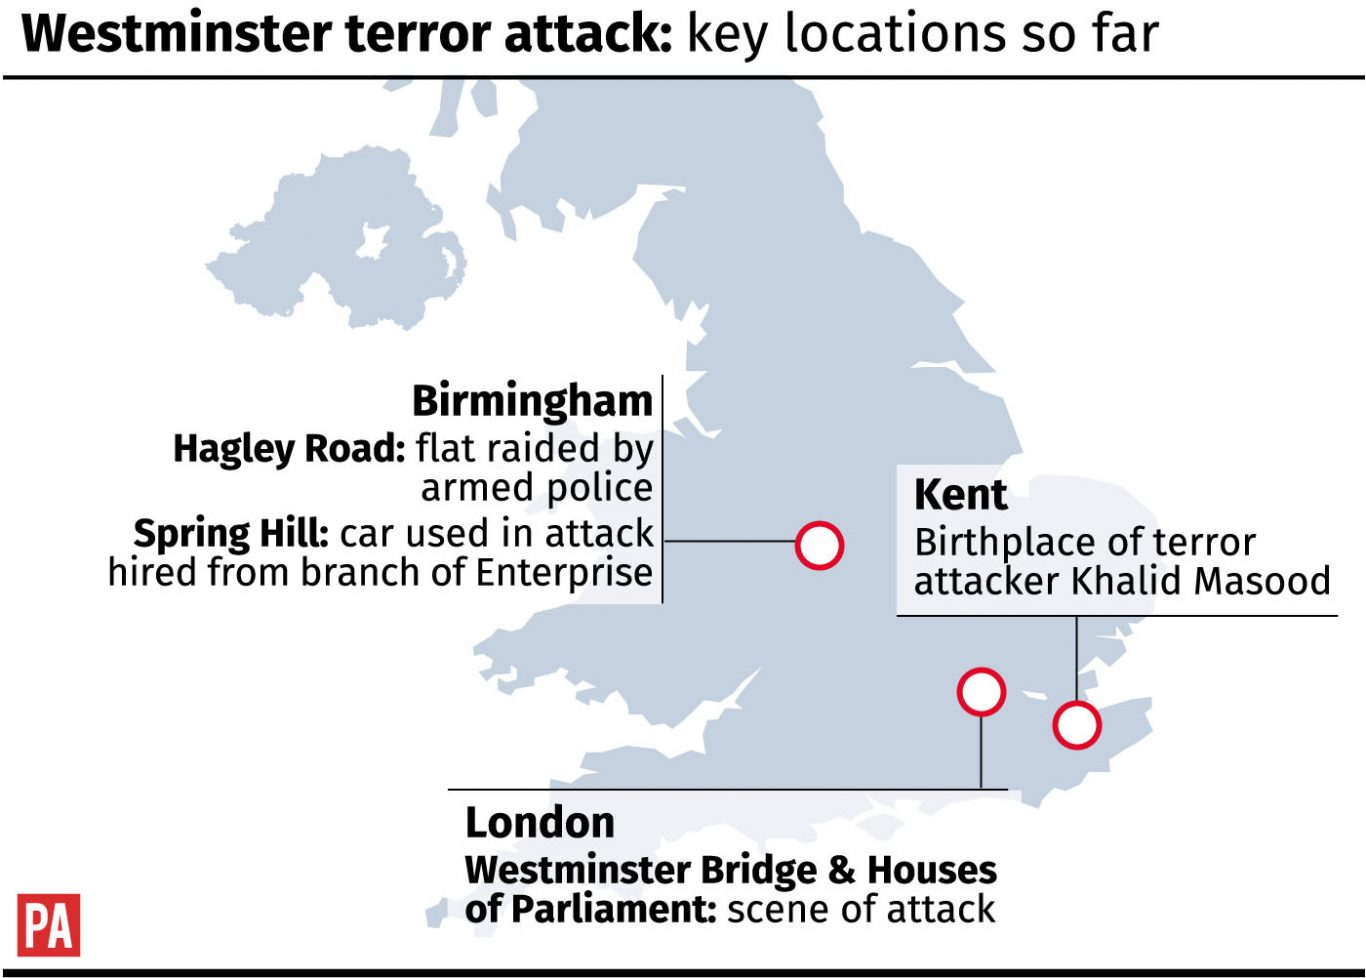 Westminster terror attack: key locations so far.